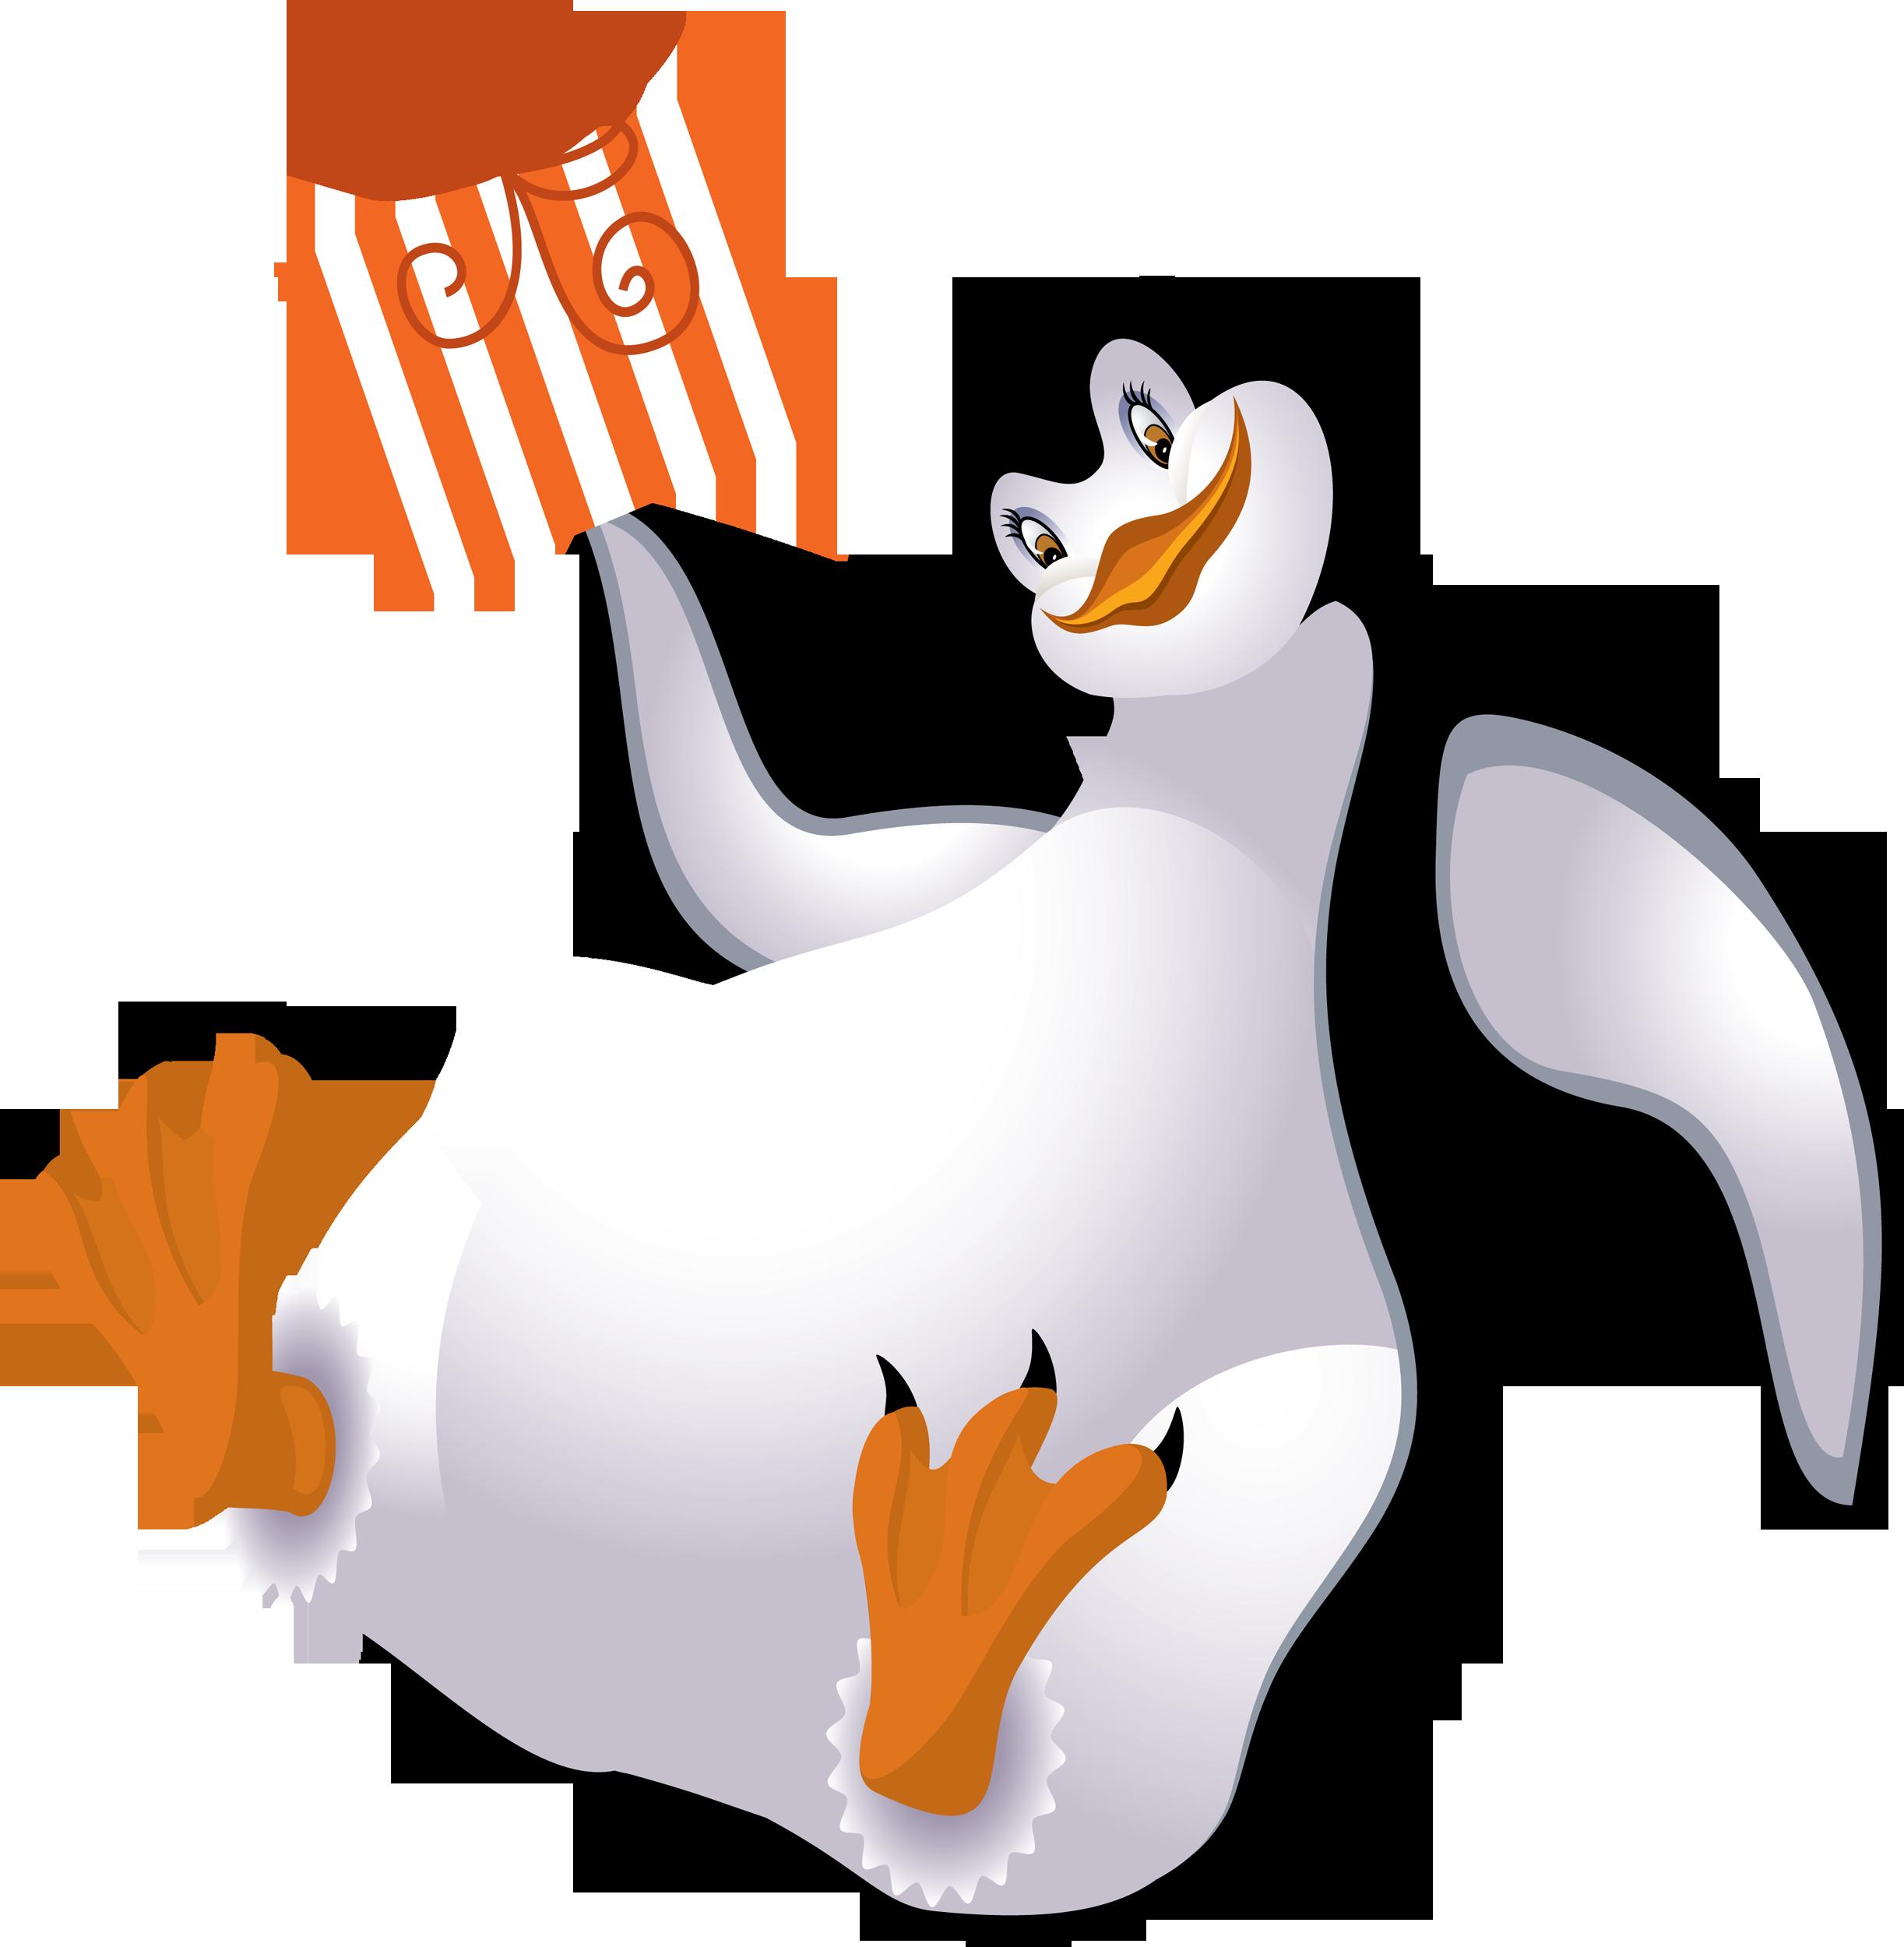 пингвины забавные картинки рисунки съемок профессионалы используют